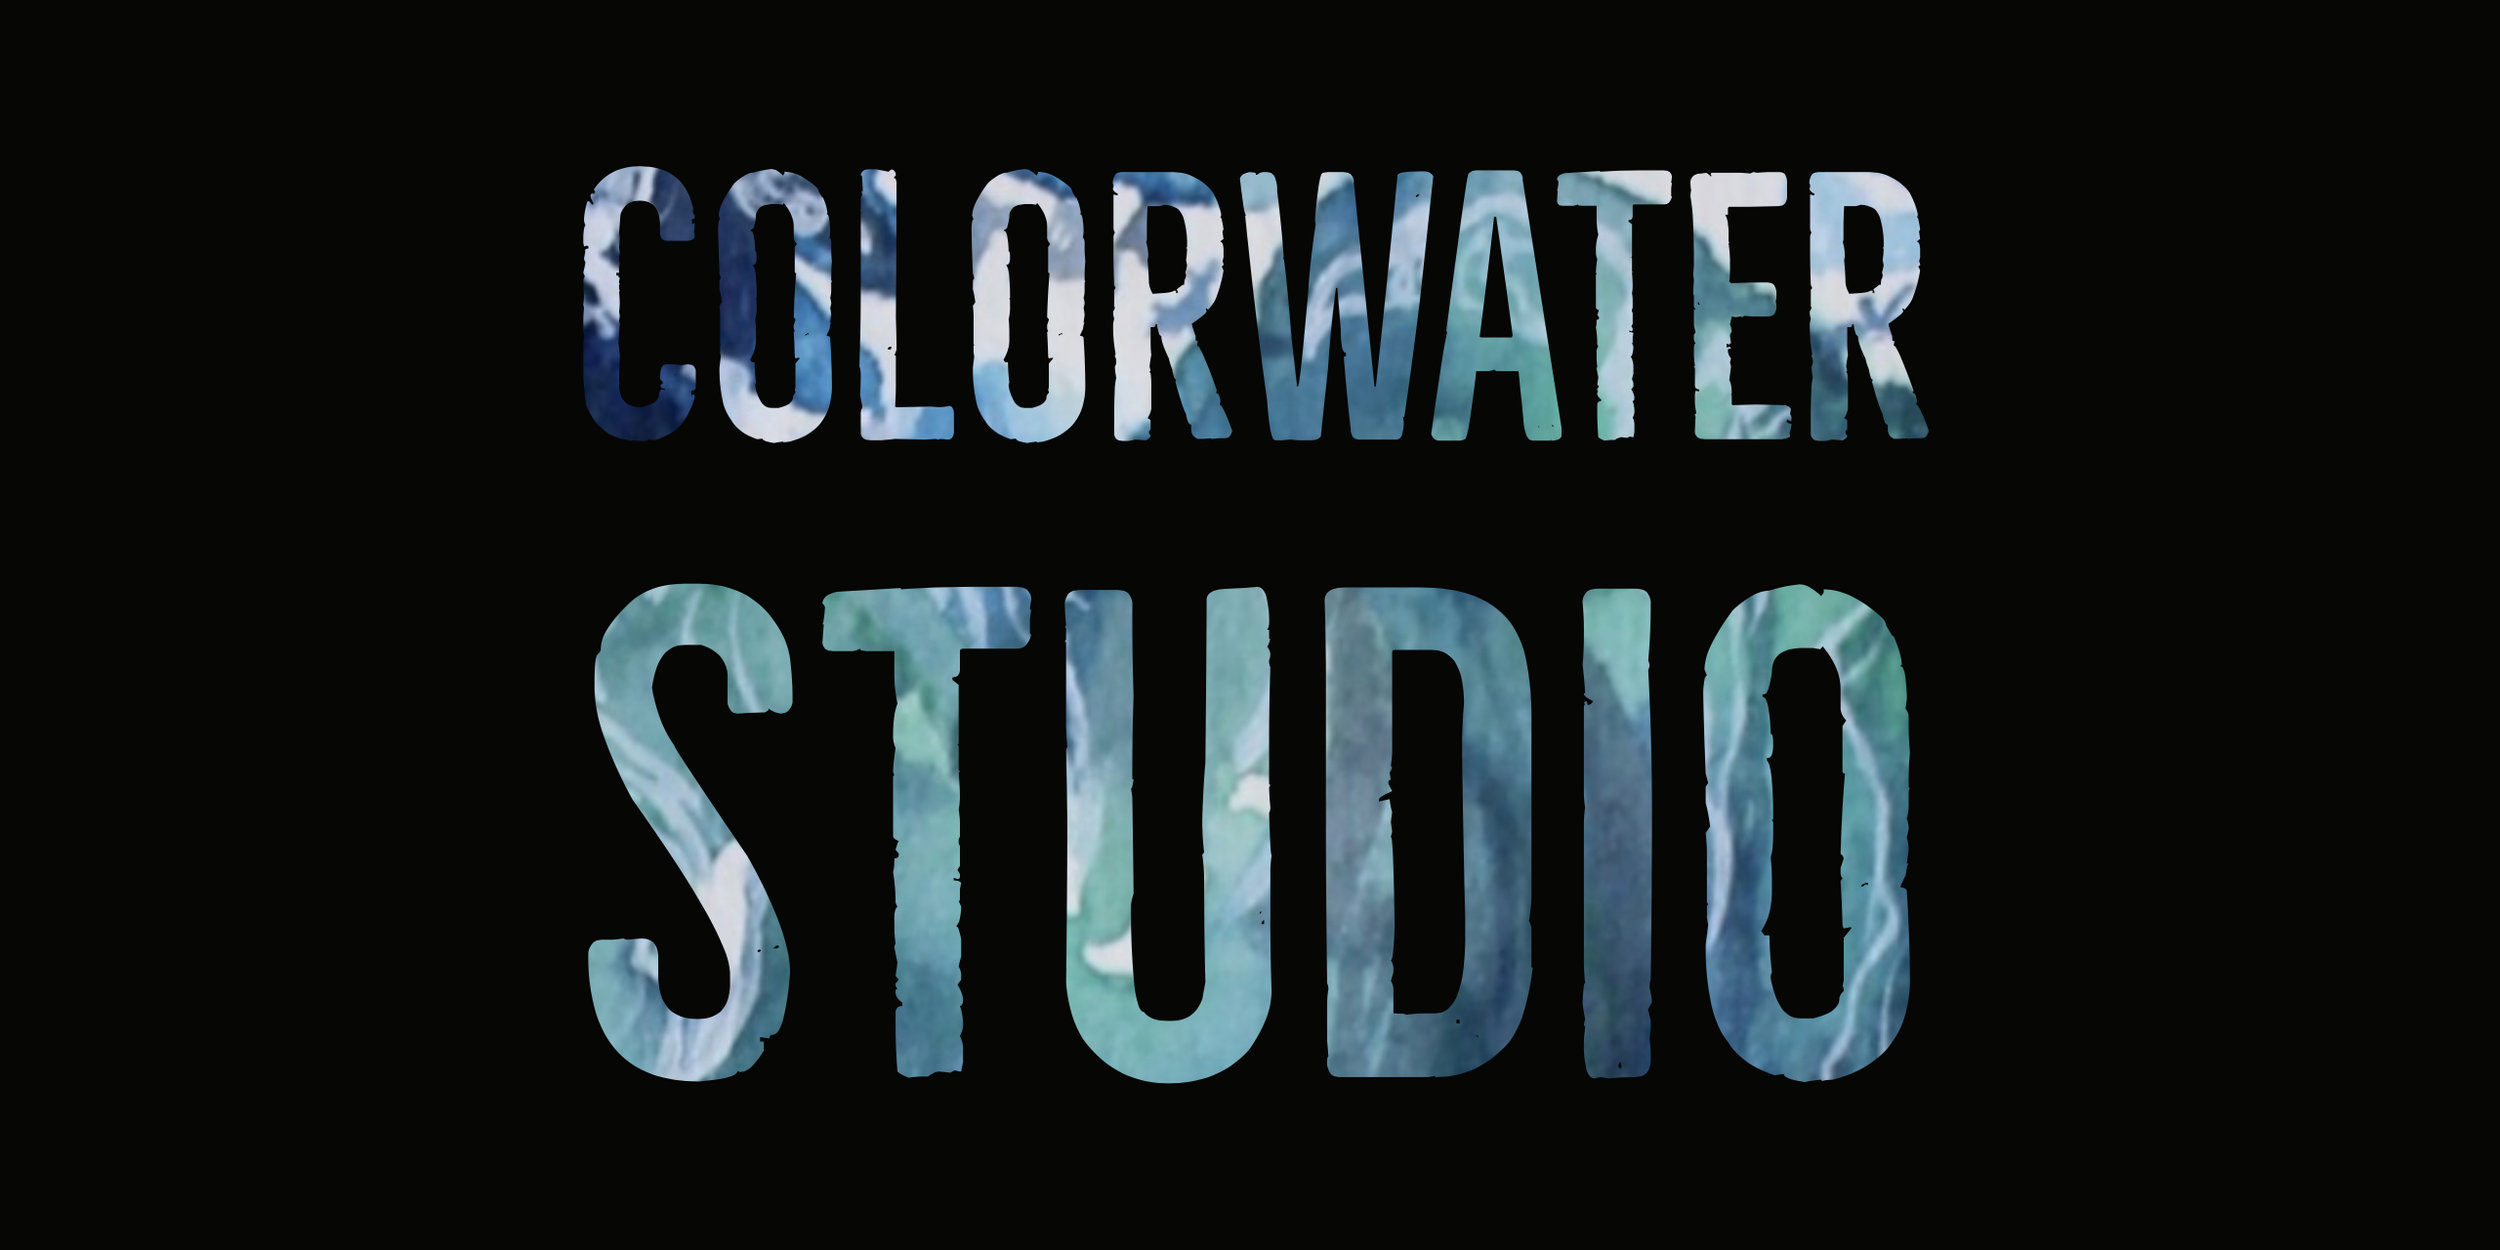 Colorwater Studio.jpg